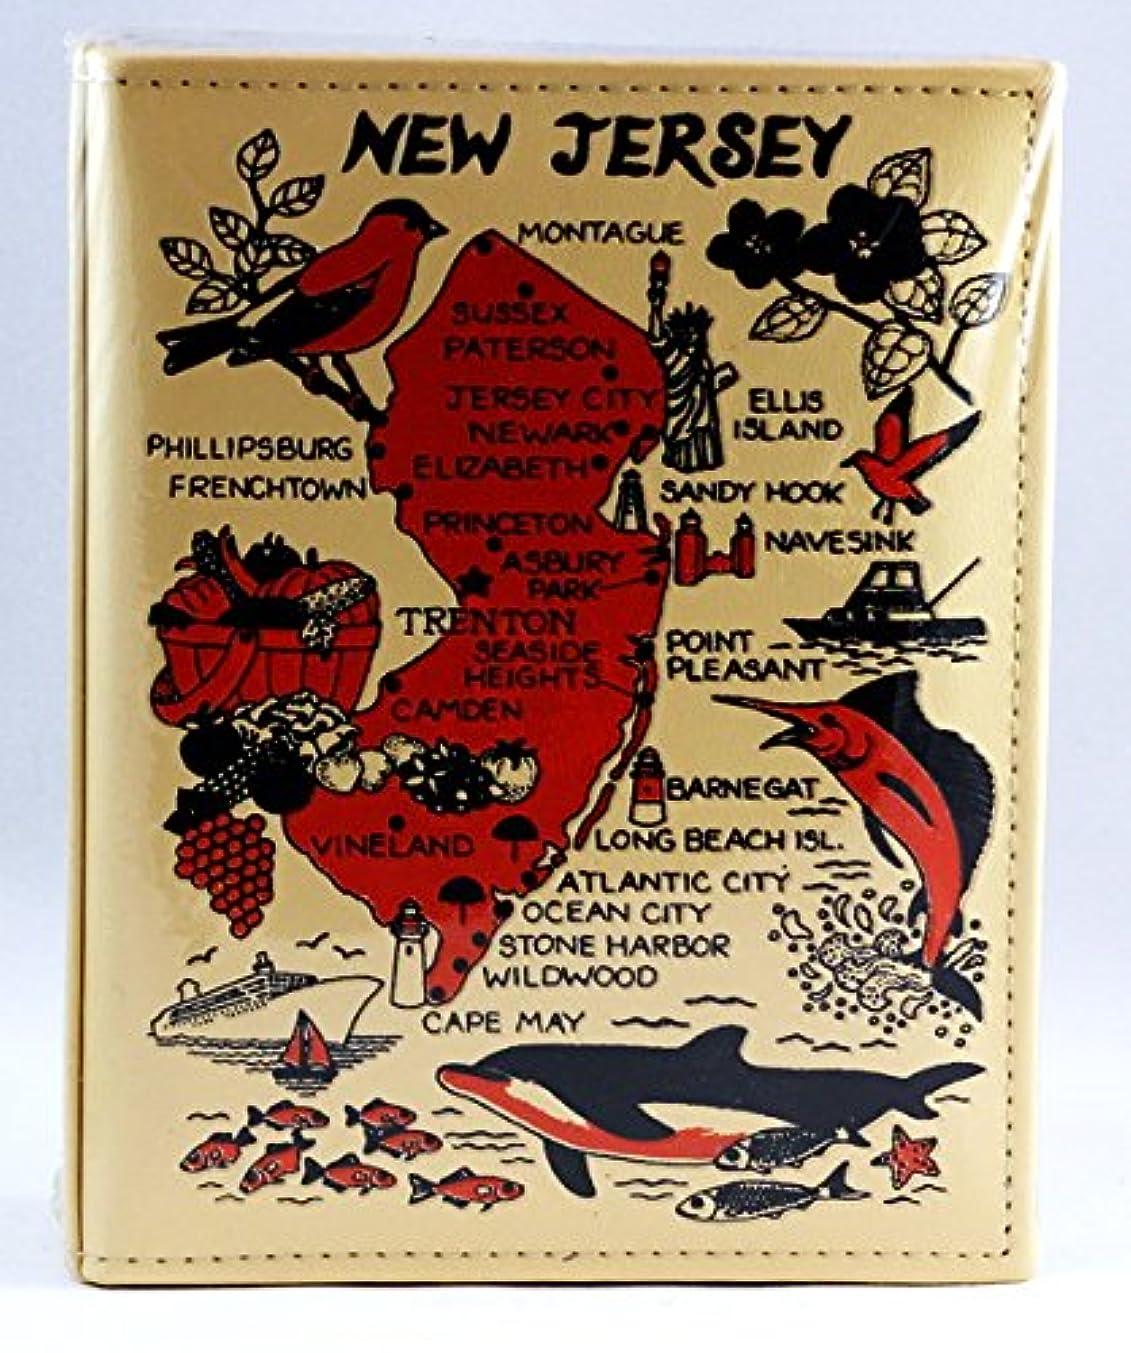 New Jersey Embossed Photo Album 100 Photos / 4x6